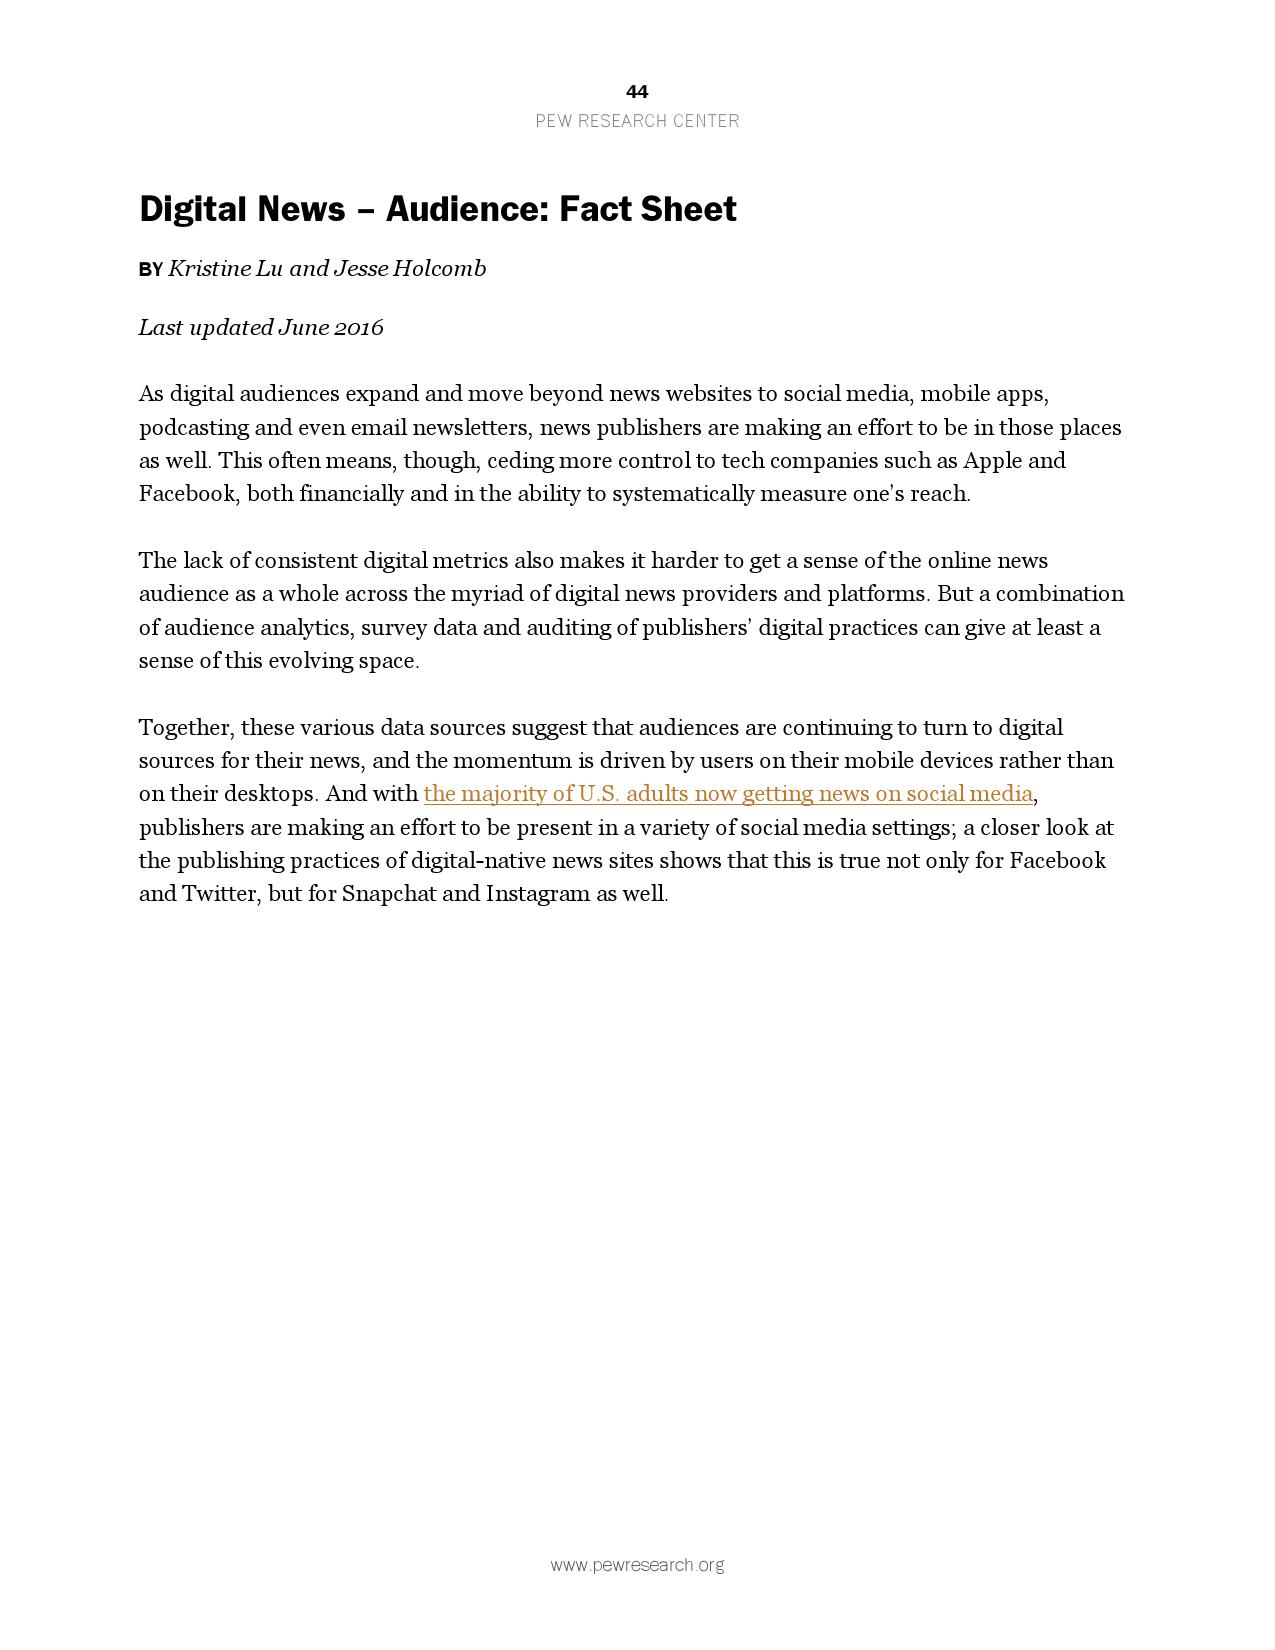 2016美国新媒体研究报告_000044